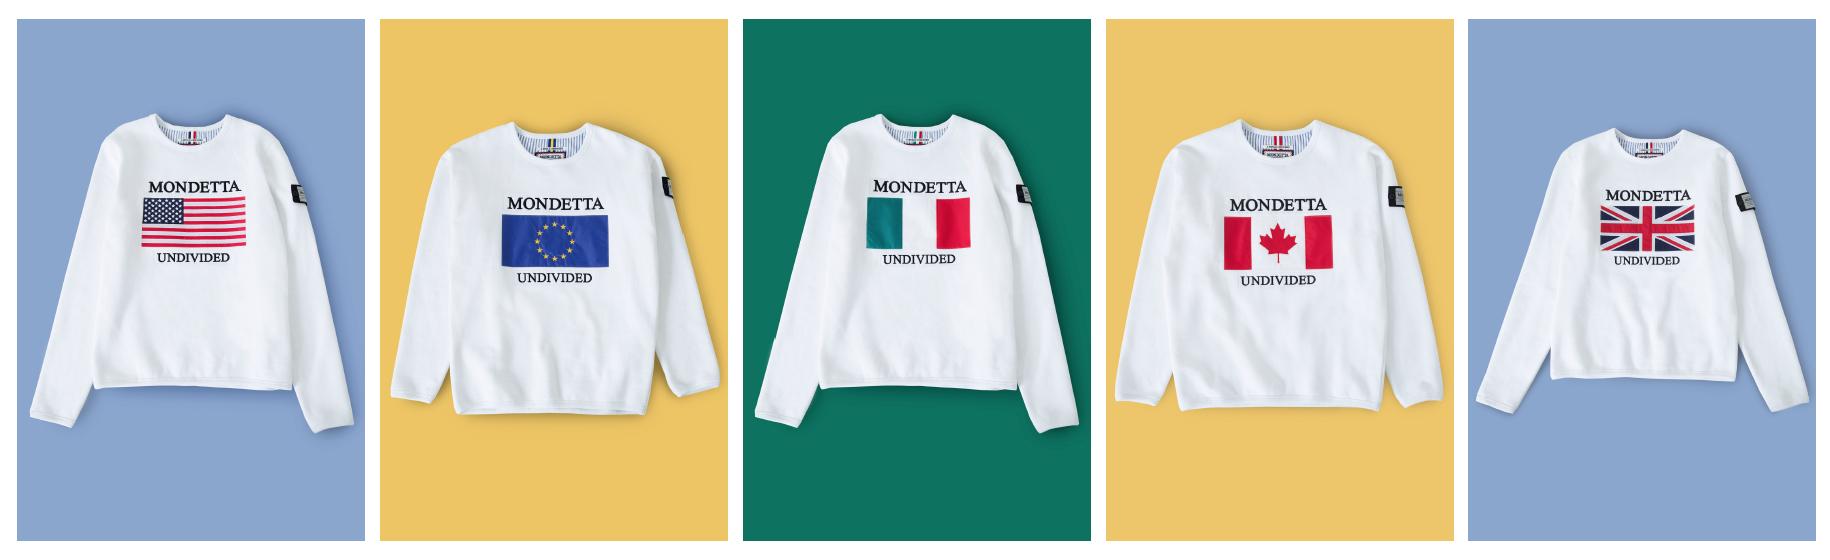 Mondetta Originals Sweatshirts.jpg